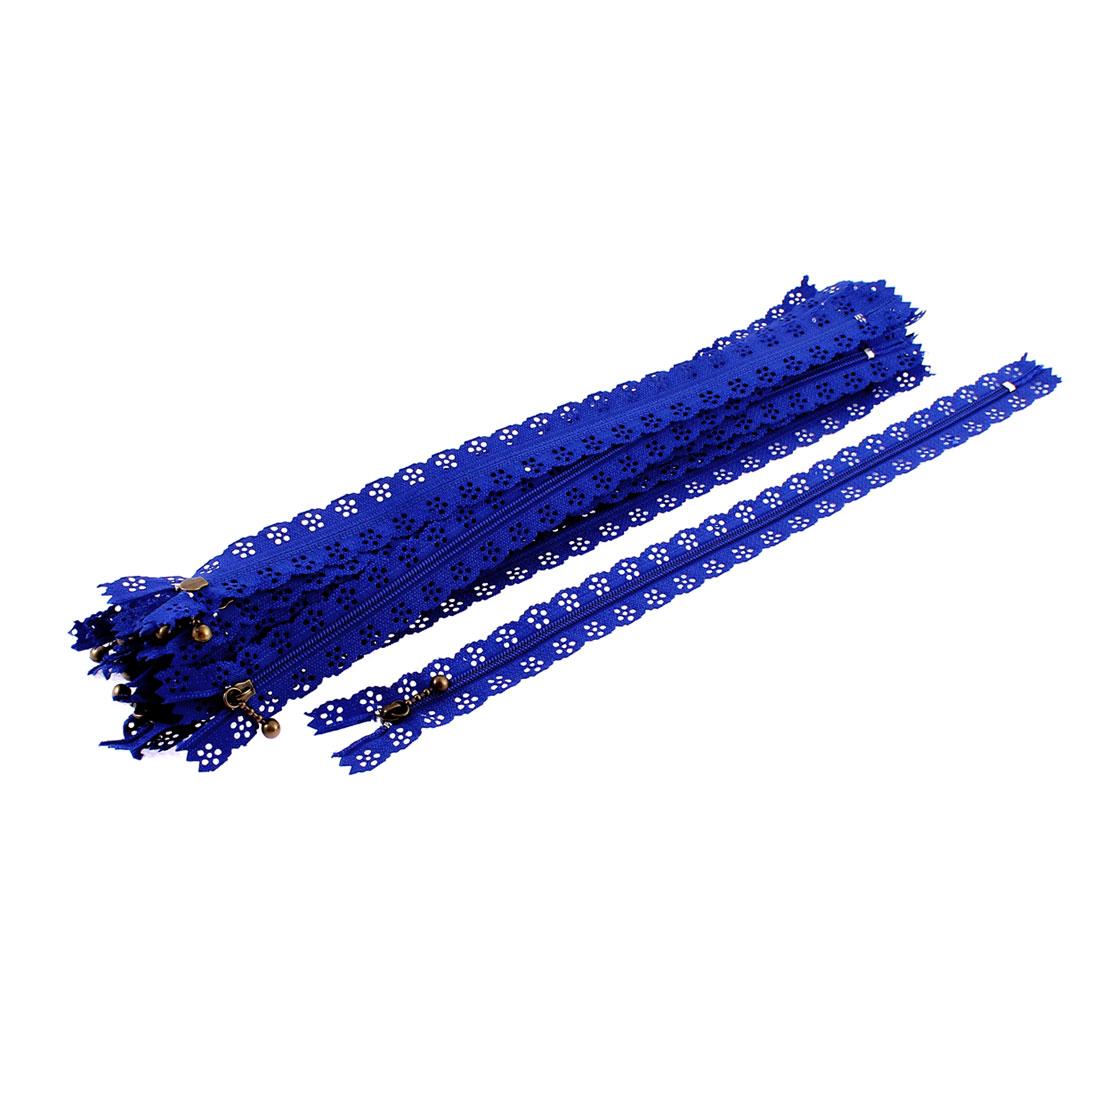 20 Pcs Blue Lace Edged Zip Closed End Zipper 30cm Length